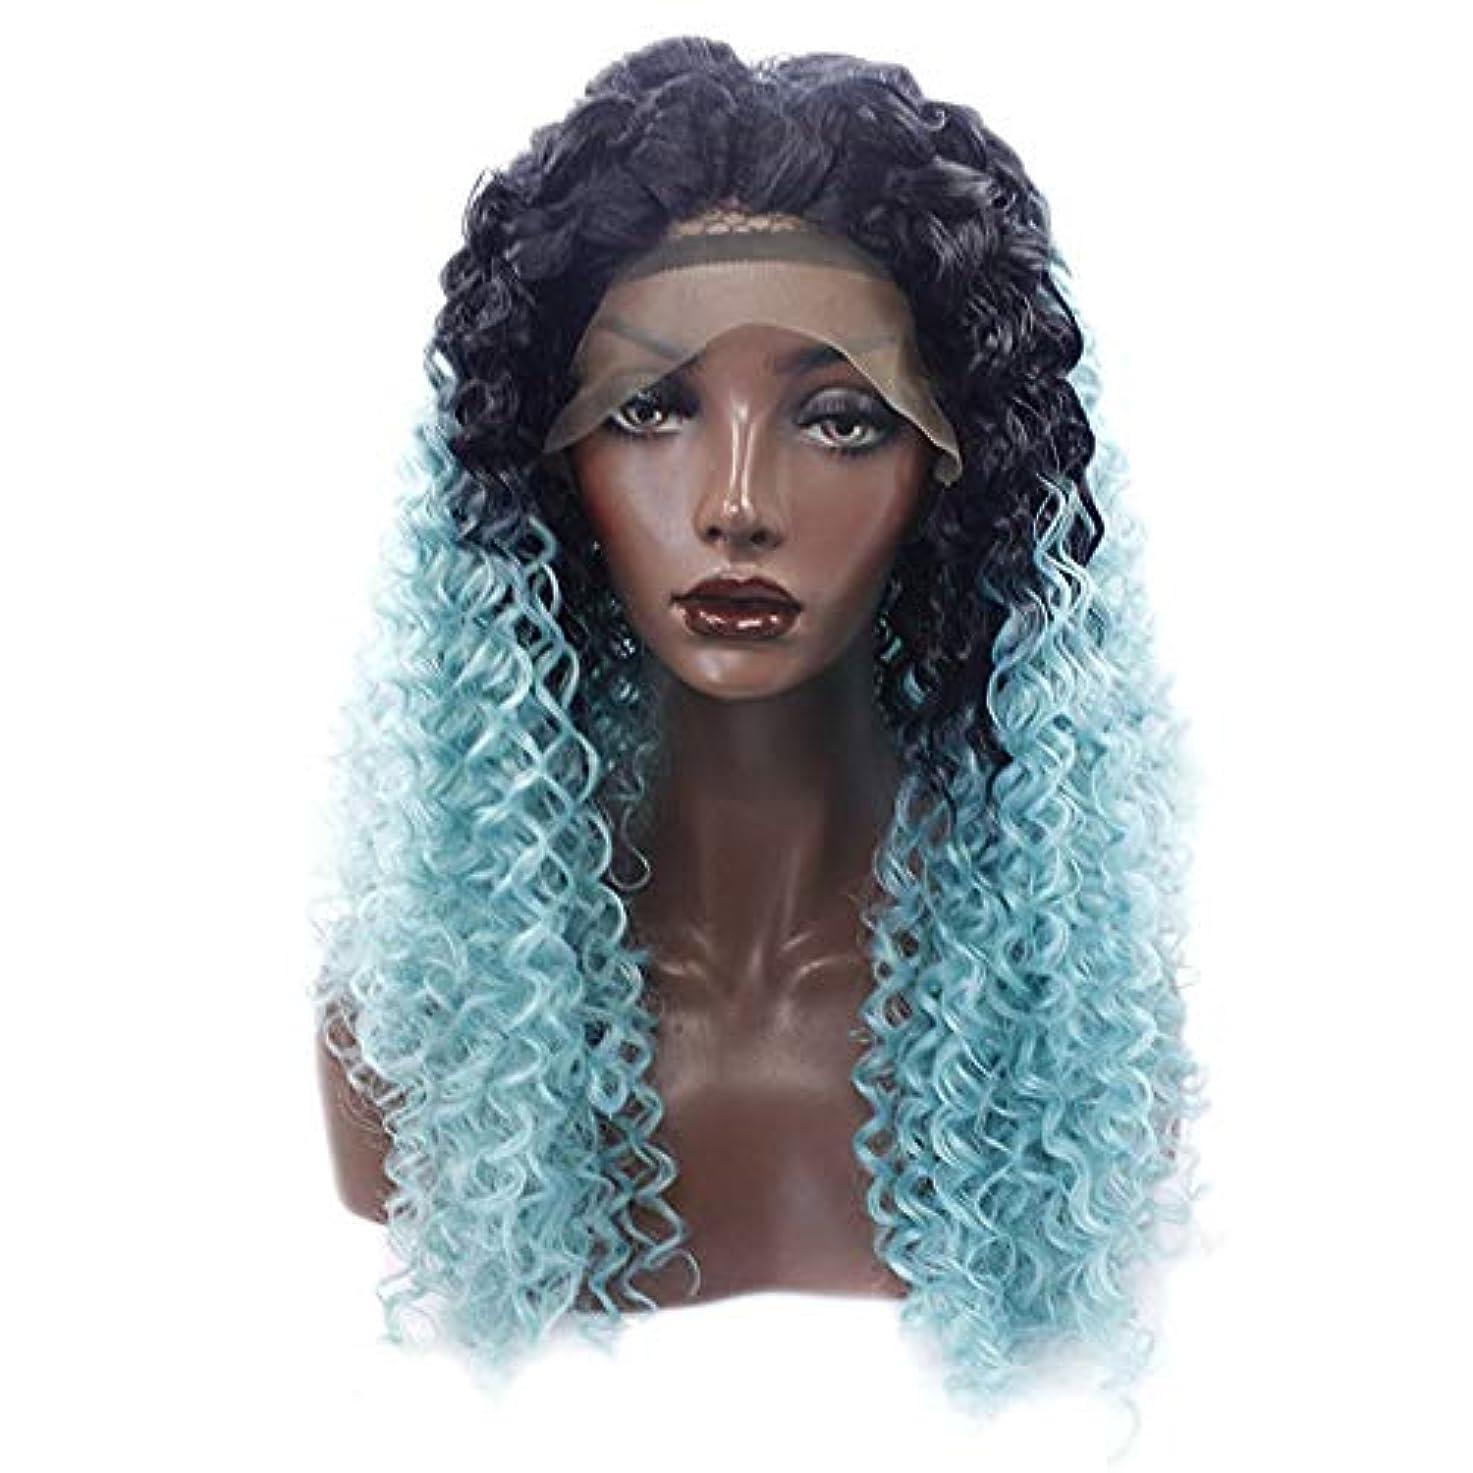 部分的キャンバス効果YOUQIU 女性の耐熱ウィッグのためにダークルーツを持つ側パート2トーンショート波状の合成かつらとスカイブルーレースフロントウィッグボブ (色 : 青)